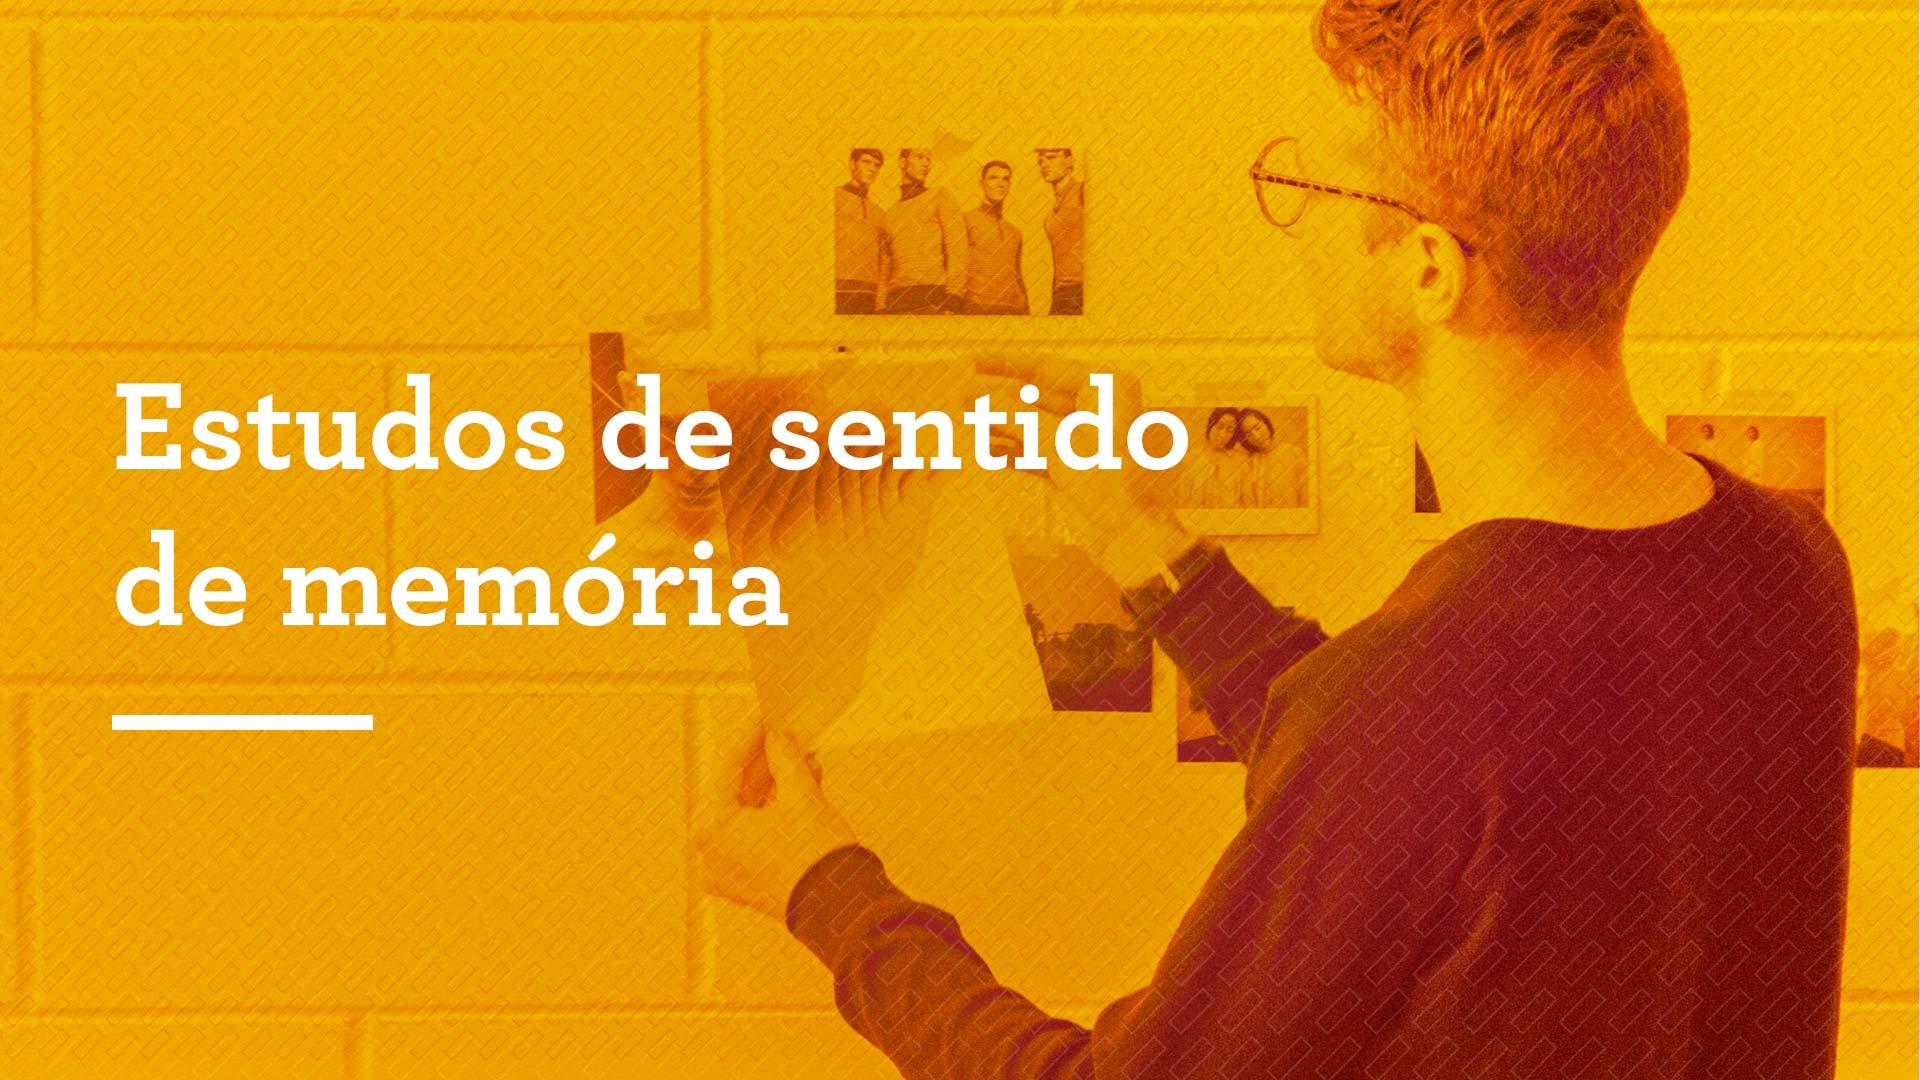 Estudos de sentido de memória